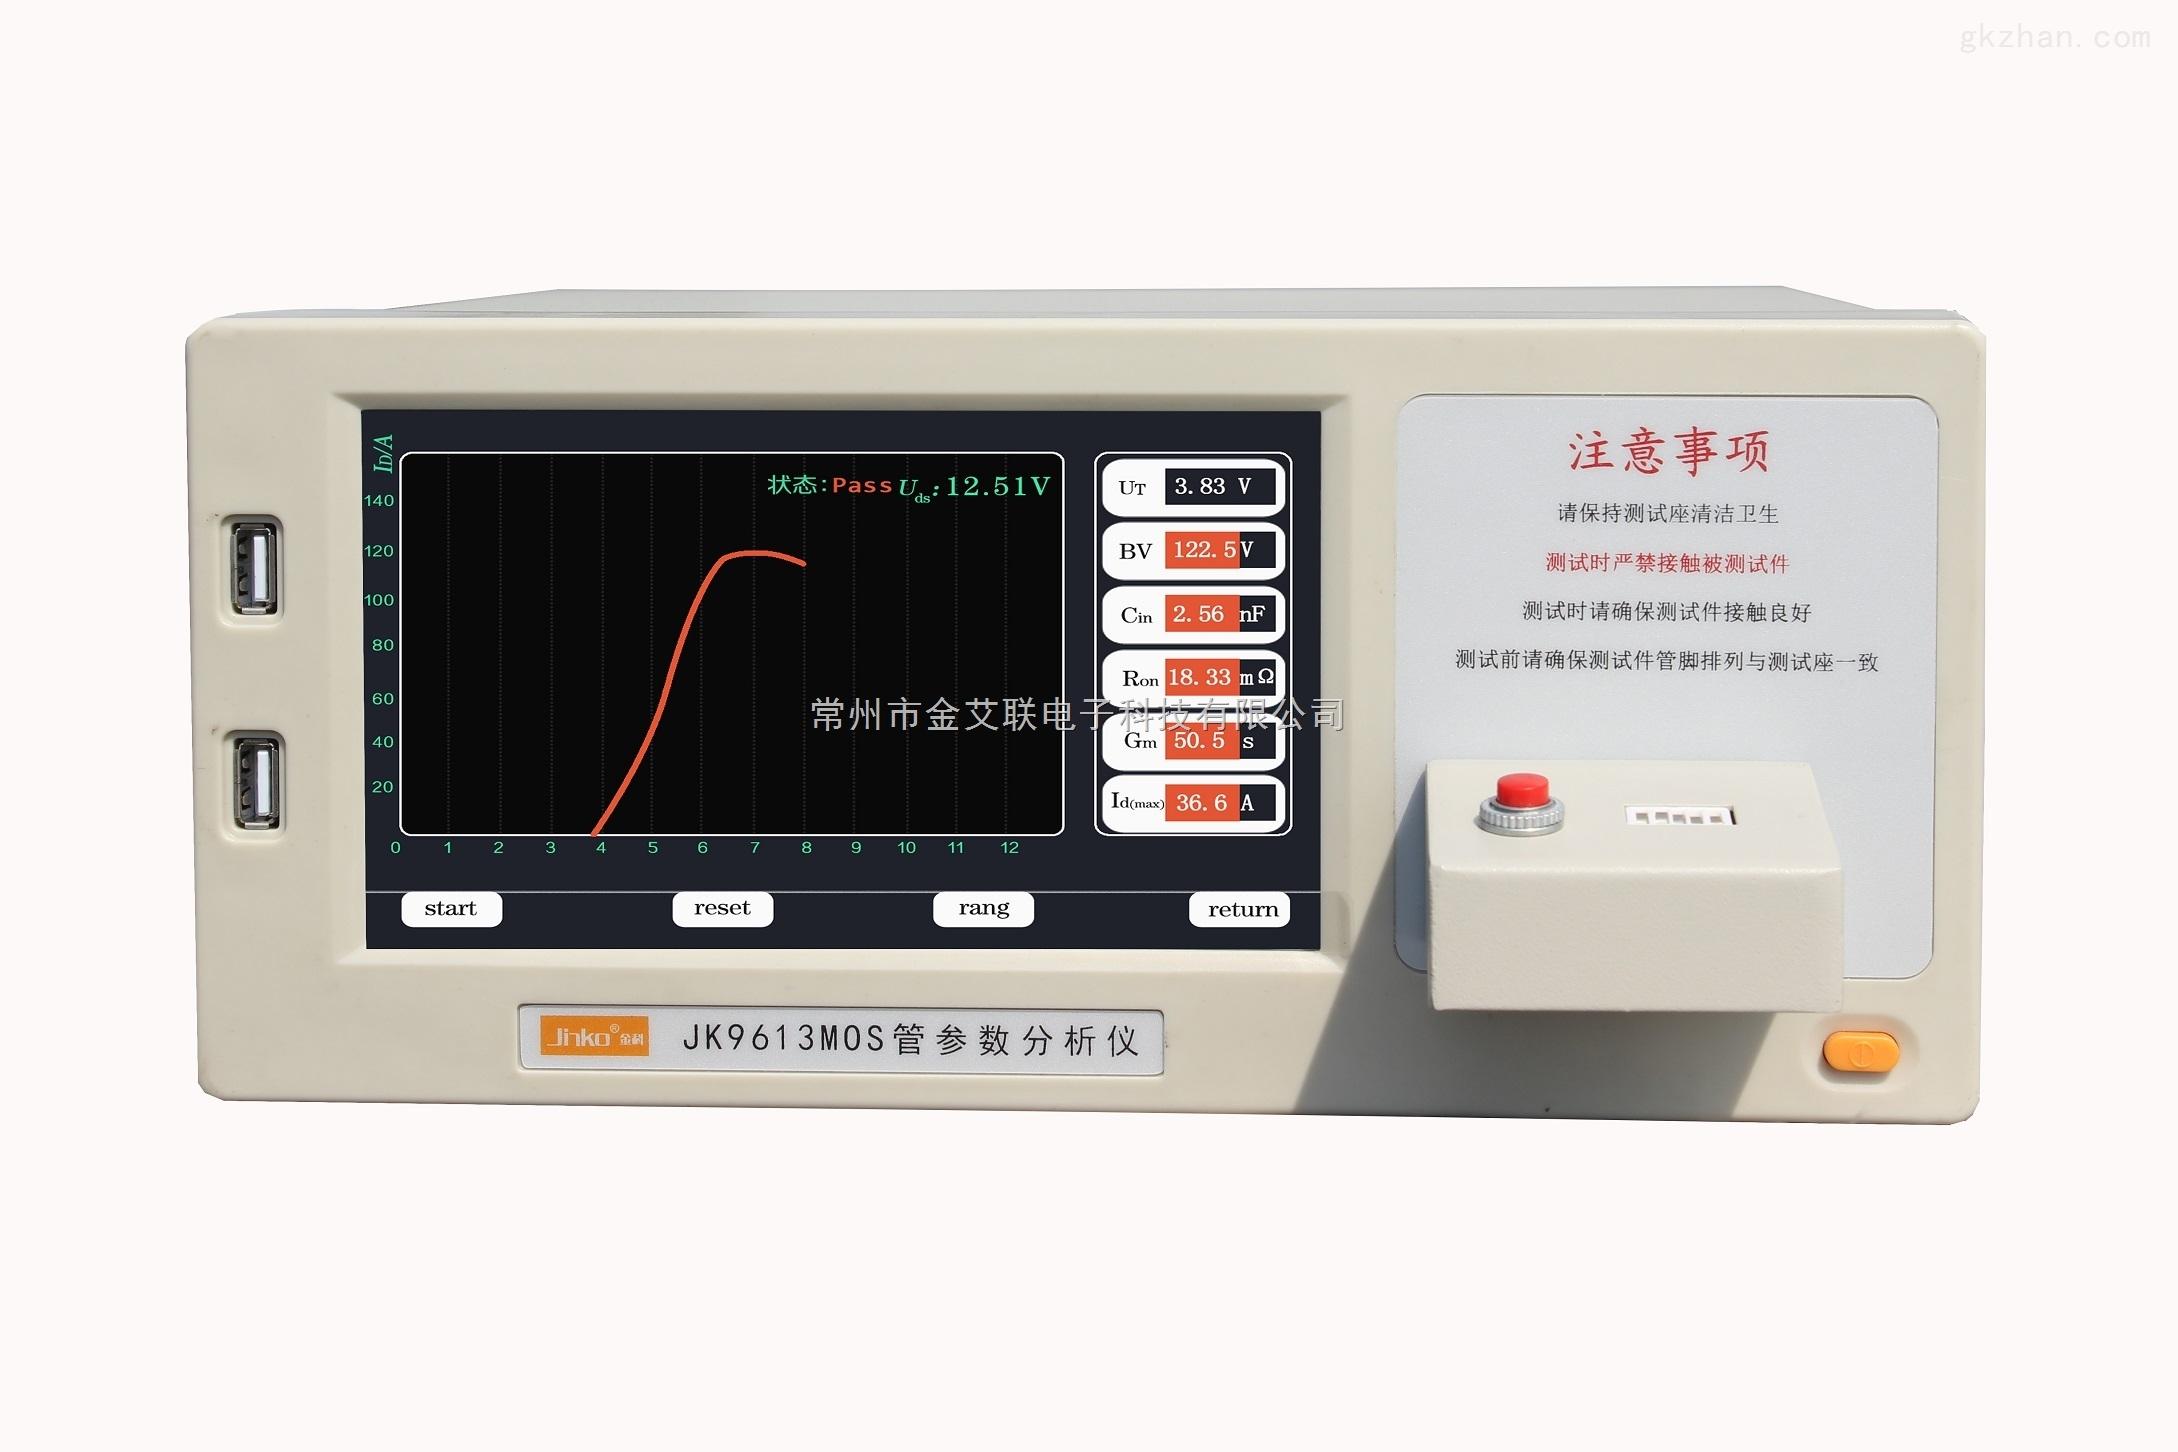 jk9613 mos管参数分析测试仪供应商